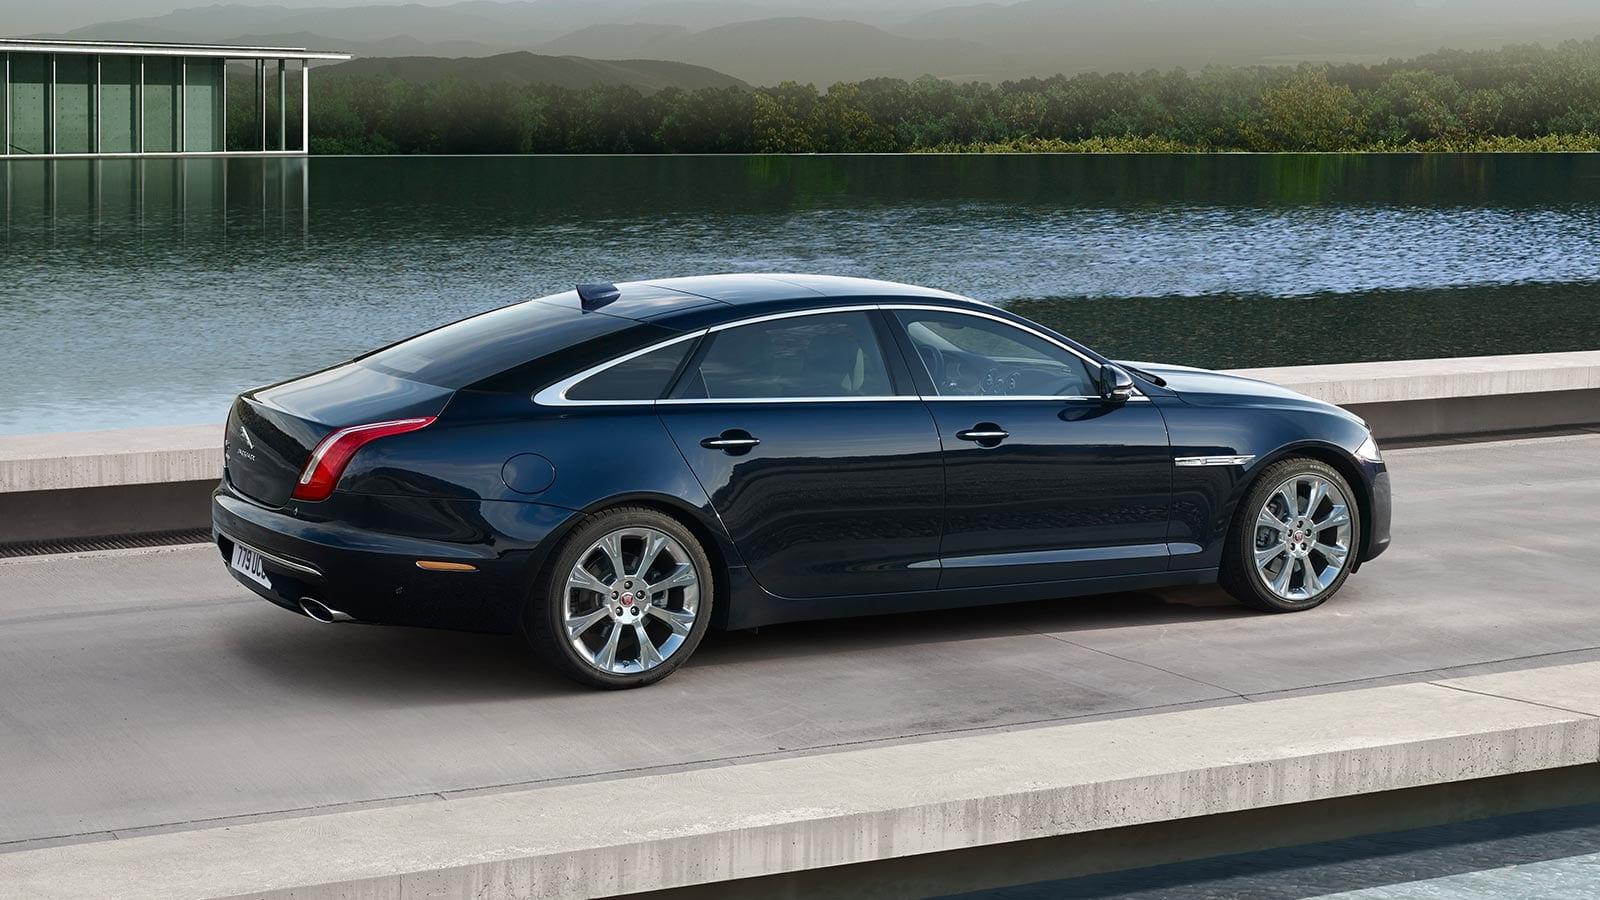 El Jaguar XJ eléctrico fortalece la apuesta de la marca rumbo a la movilidad sustentable